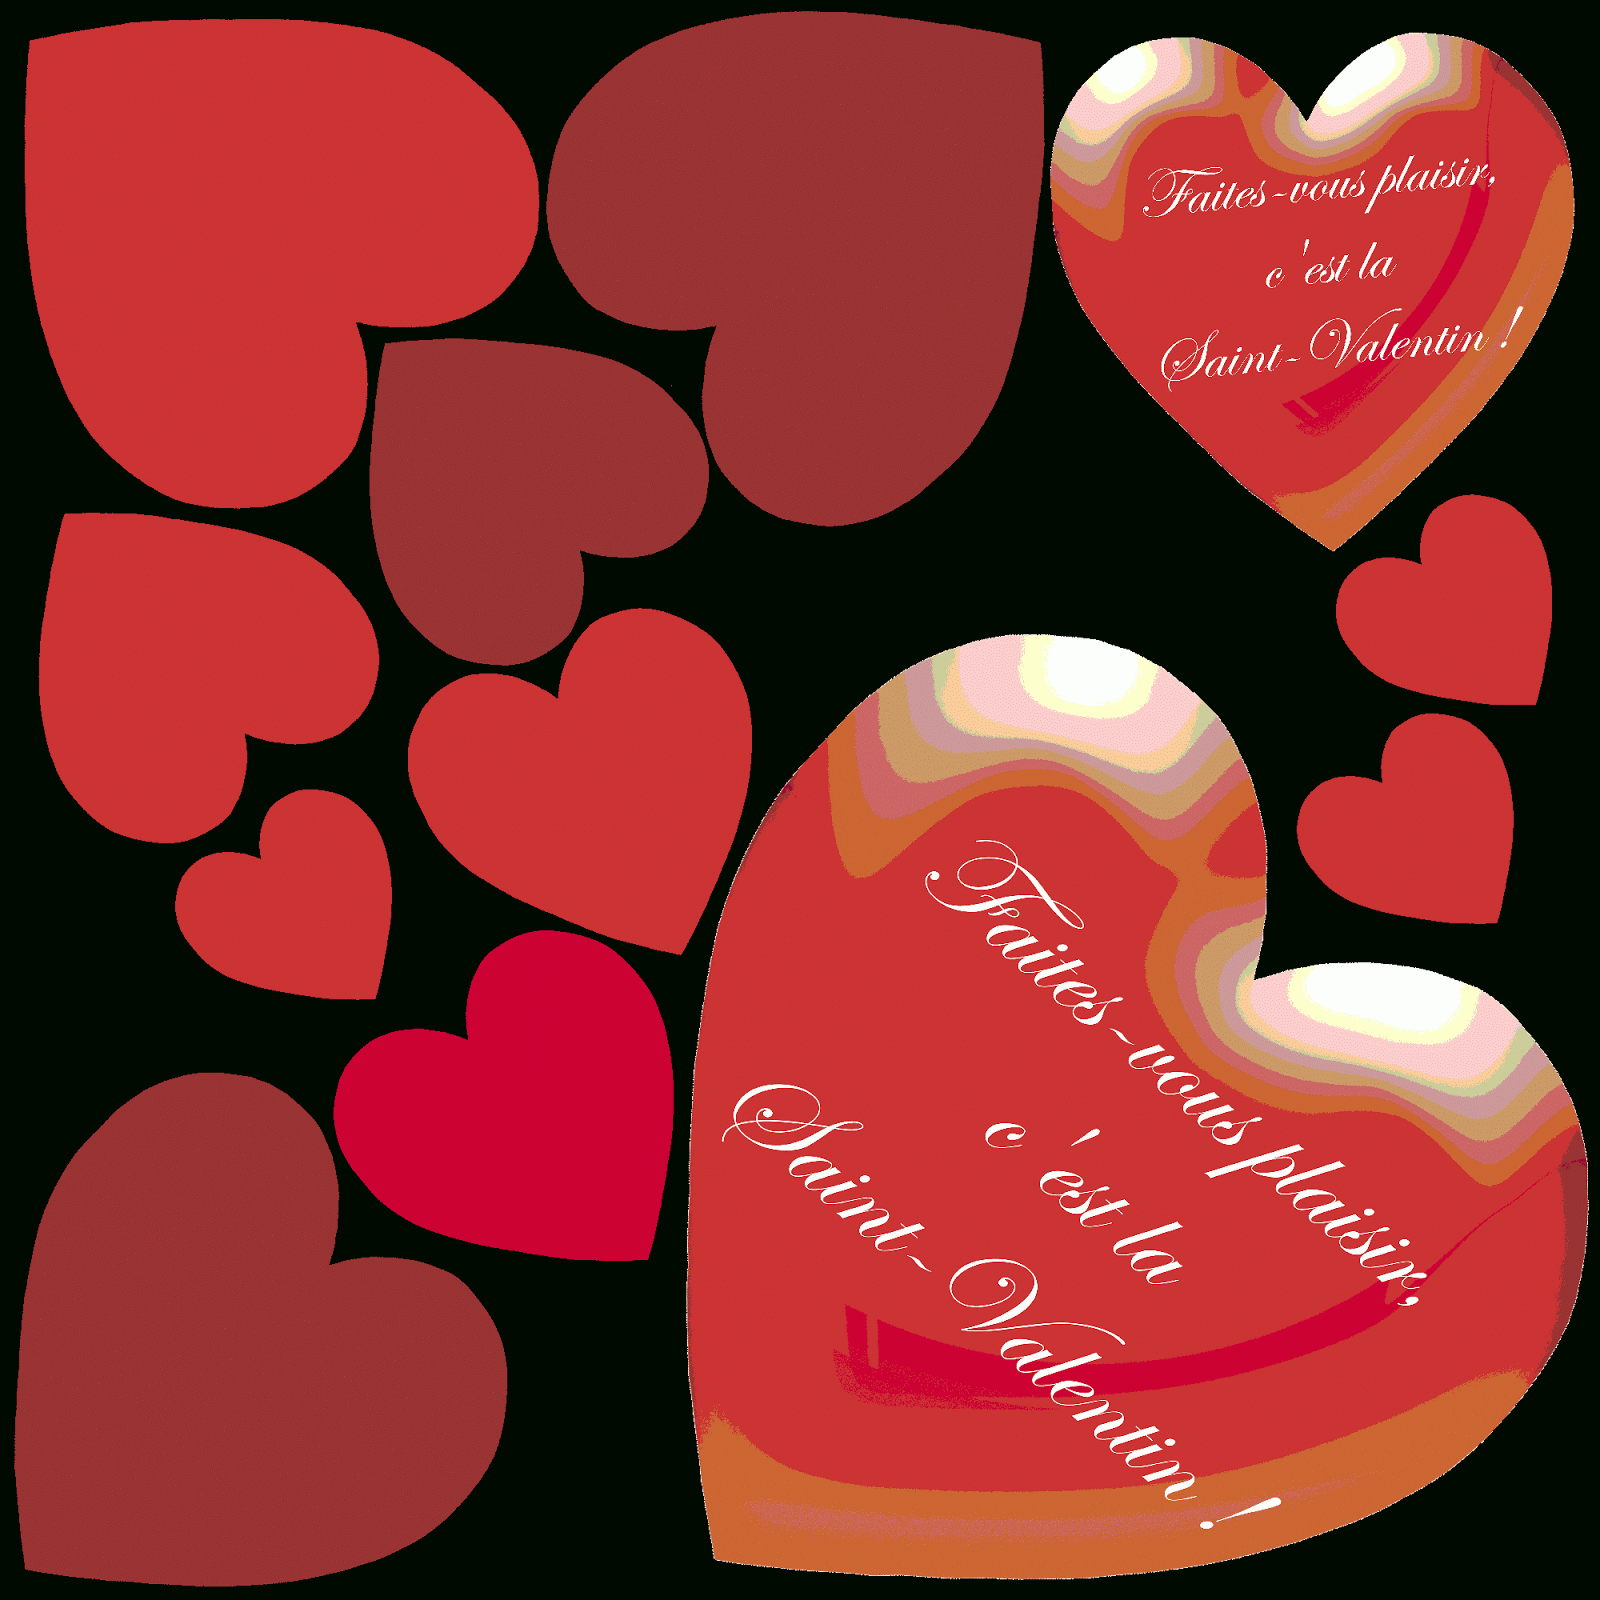 Dessins En Couleurs À Imprimer : Saint-Valentin, Numéro : 692549 serapportantà Dessin Pour La Saint Valentin